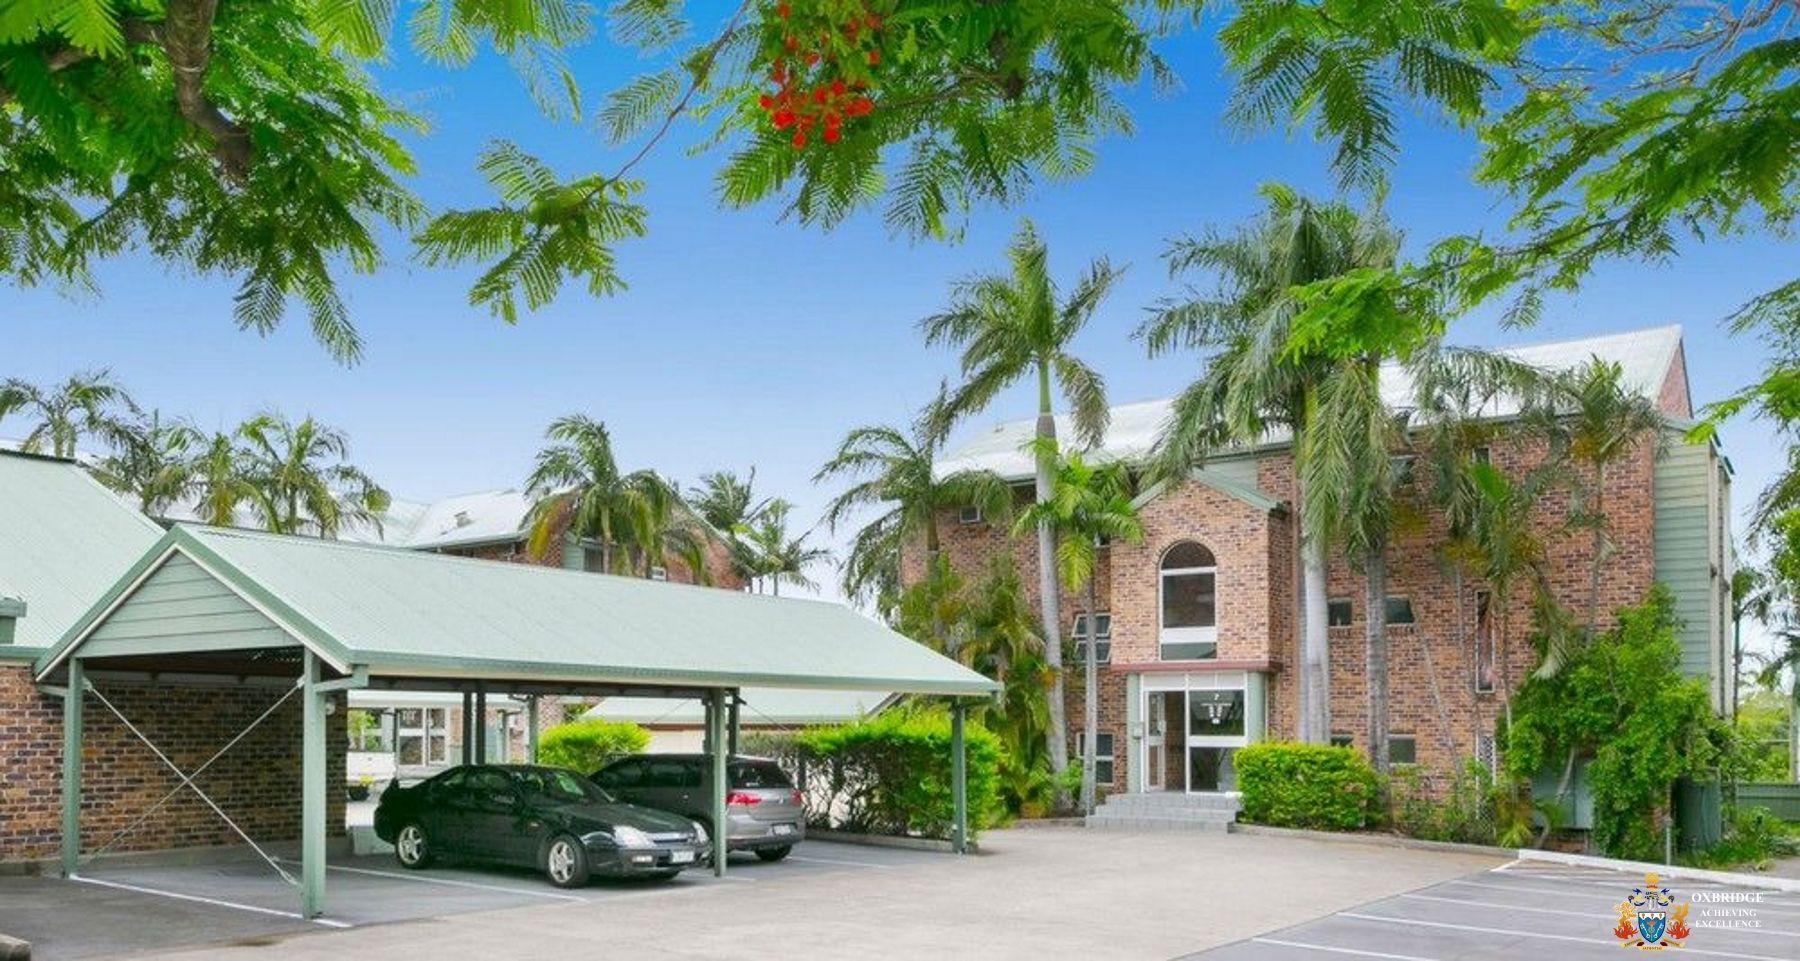 21/11 Ascog Terrace, Toowong QLD 4066, Image 1